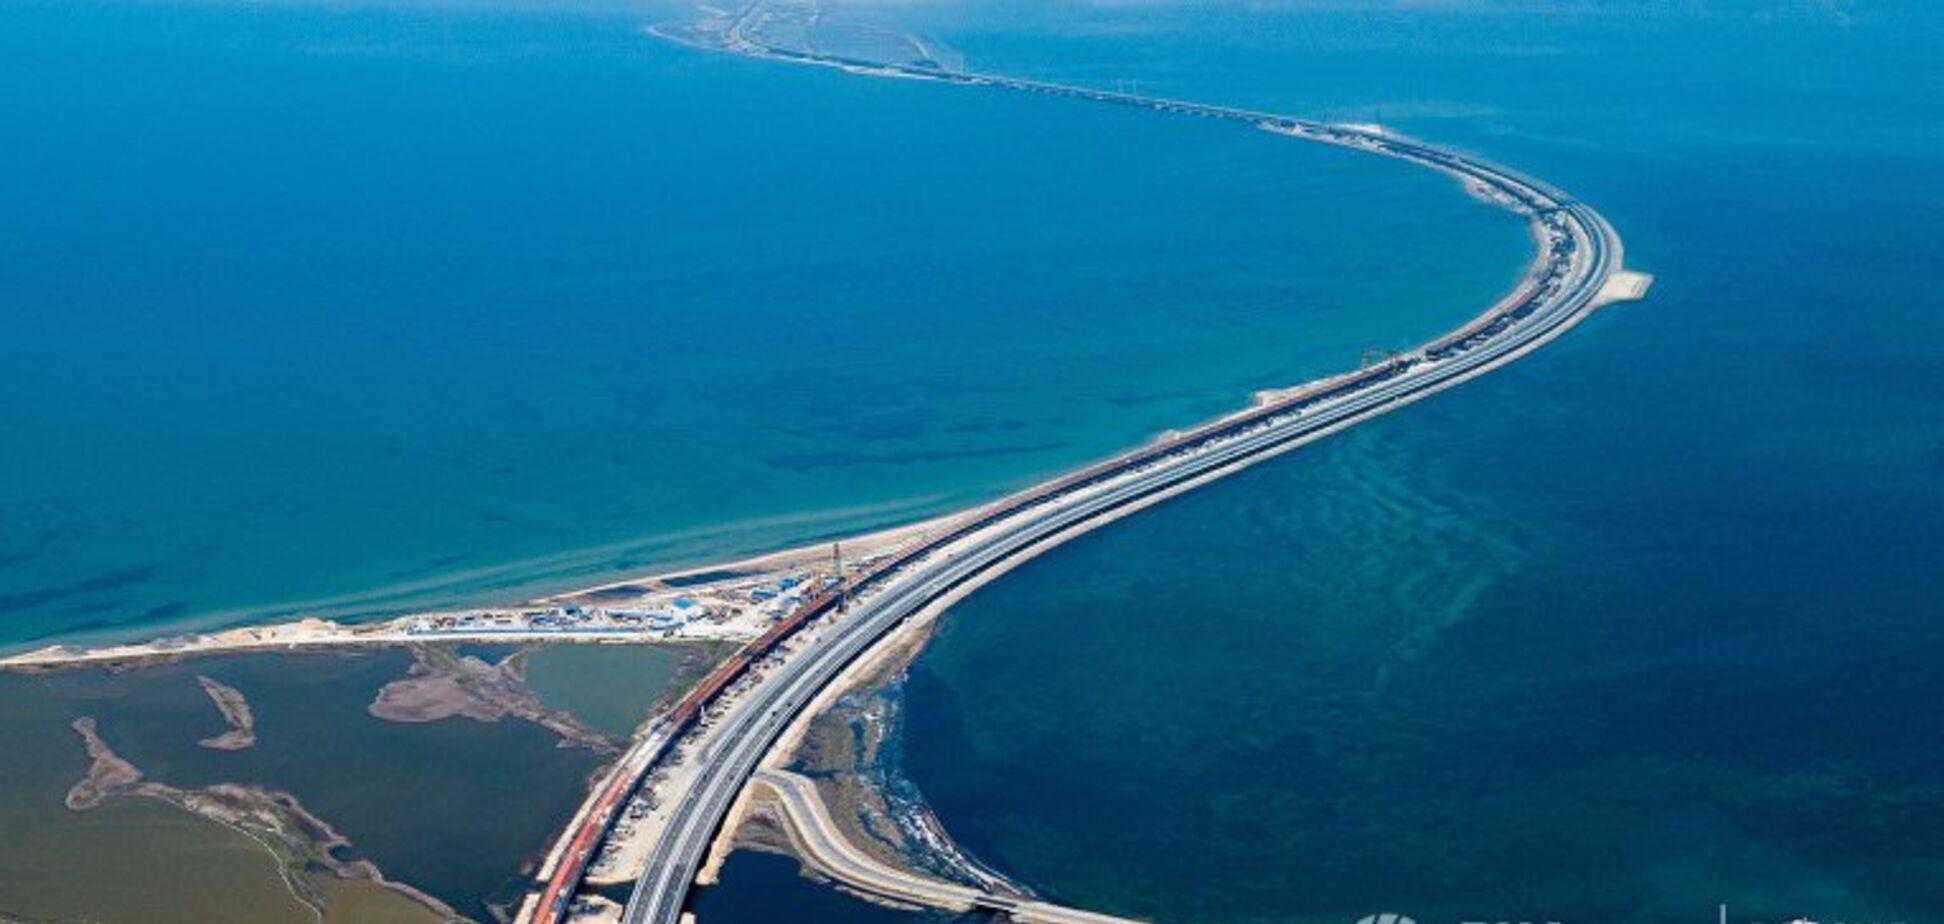 ''Крим пливе в бік Росії'': у Держдумі розлютилися через міст у Керчі, ''який поїхав''